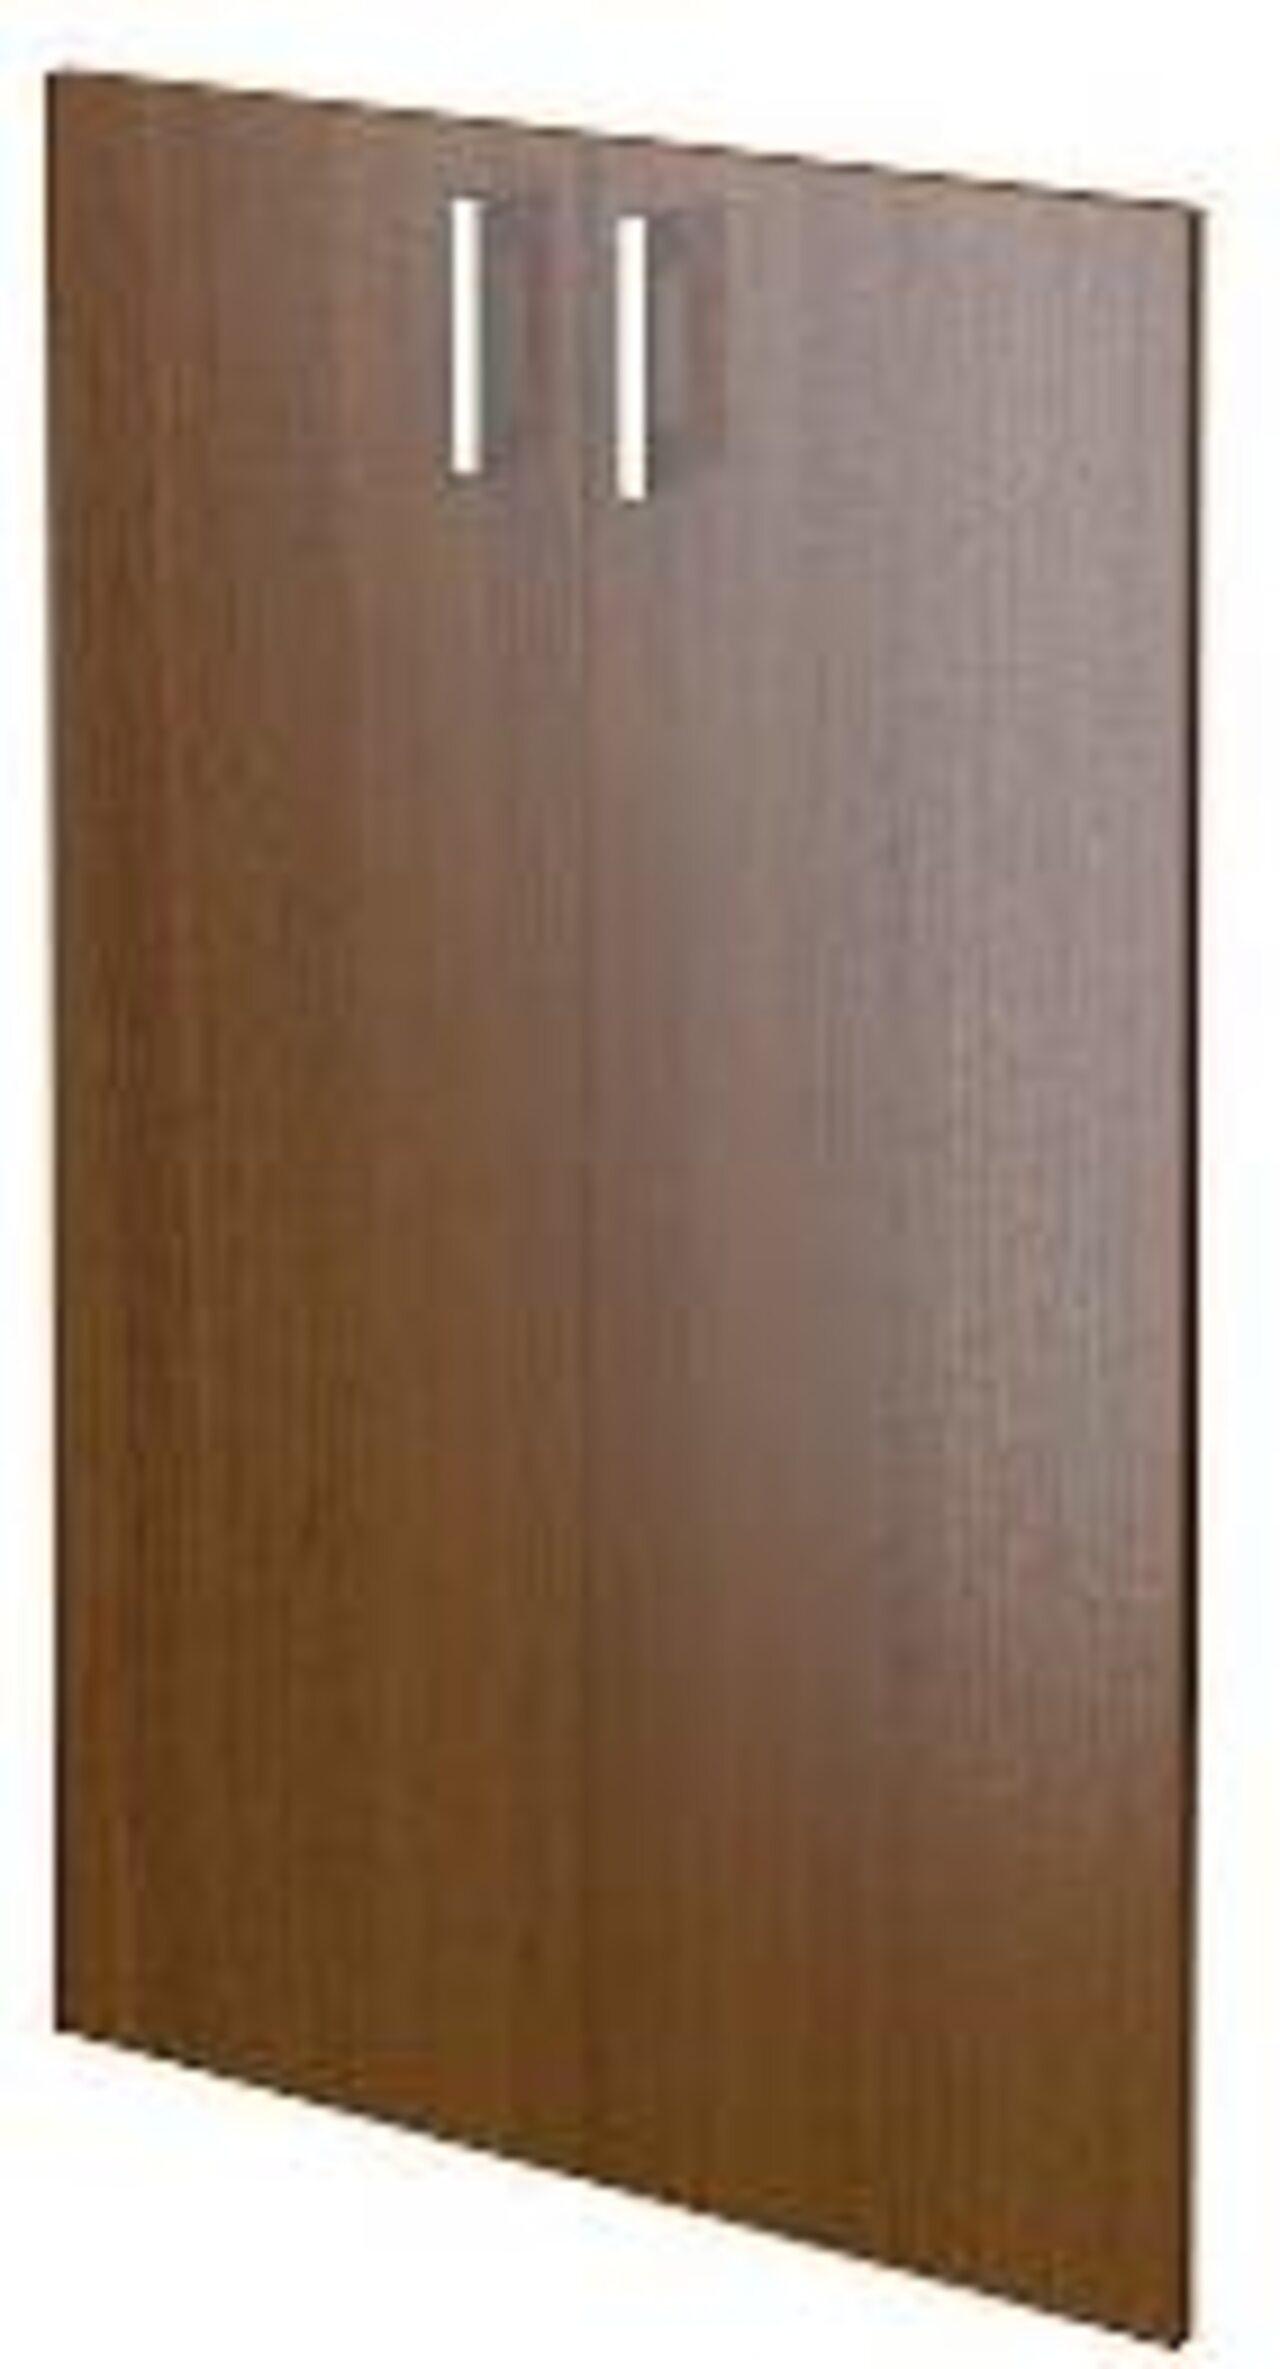 Двери для широких стеллажей  Арго 71x2x112 - фото 4